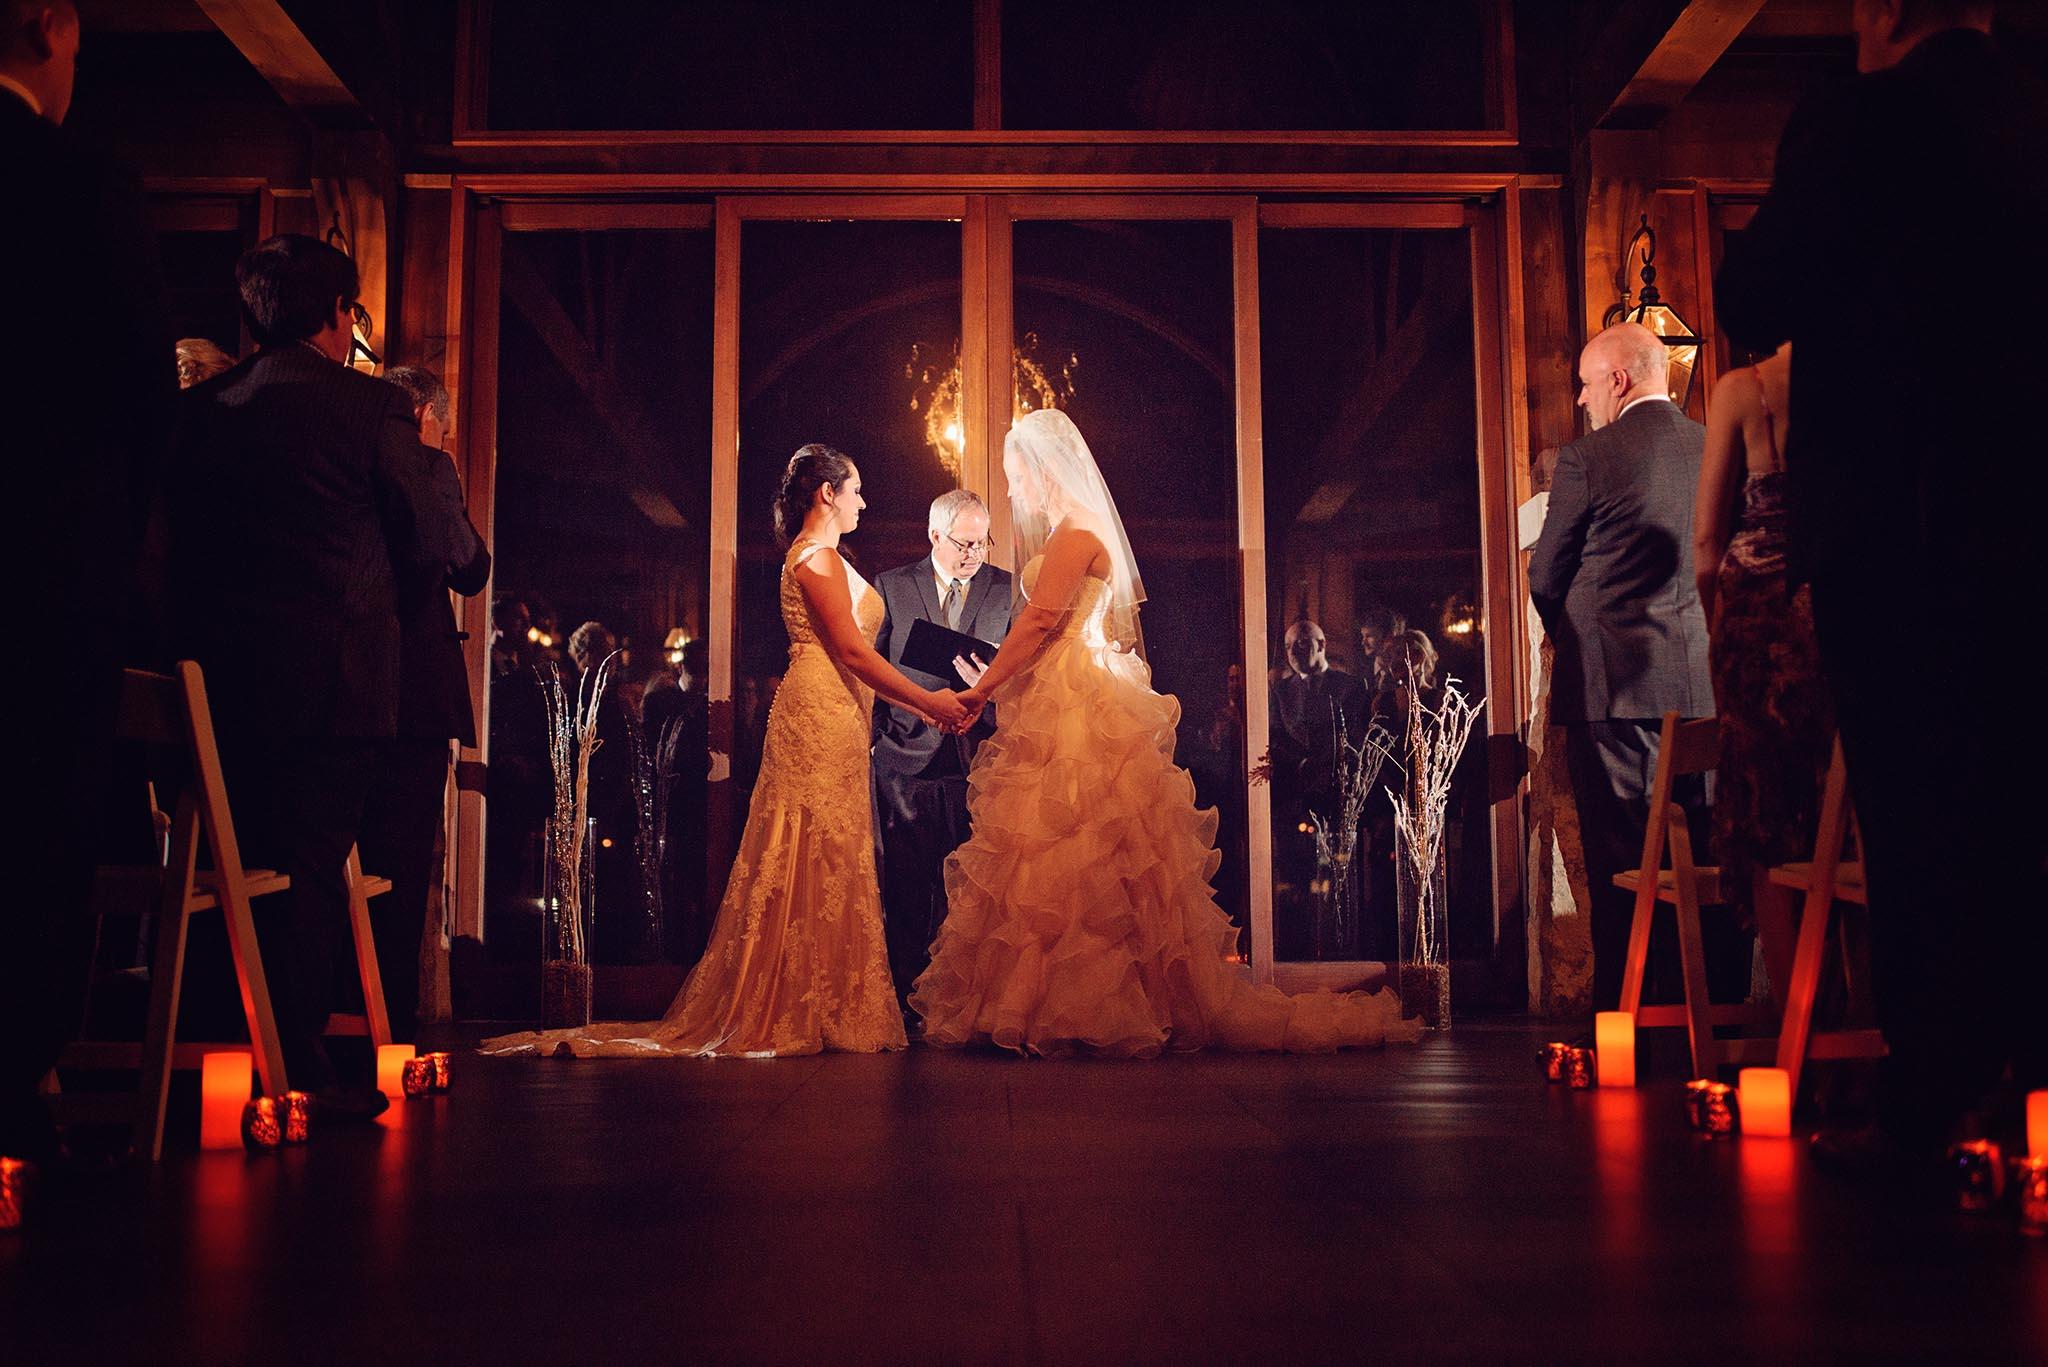 Peter-Bendevis-Photography-Kris-Laura-Cambridge-Mill-Winter-Wedding14